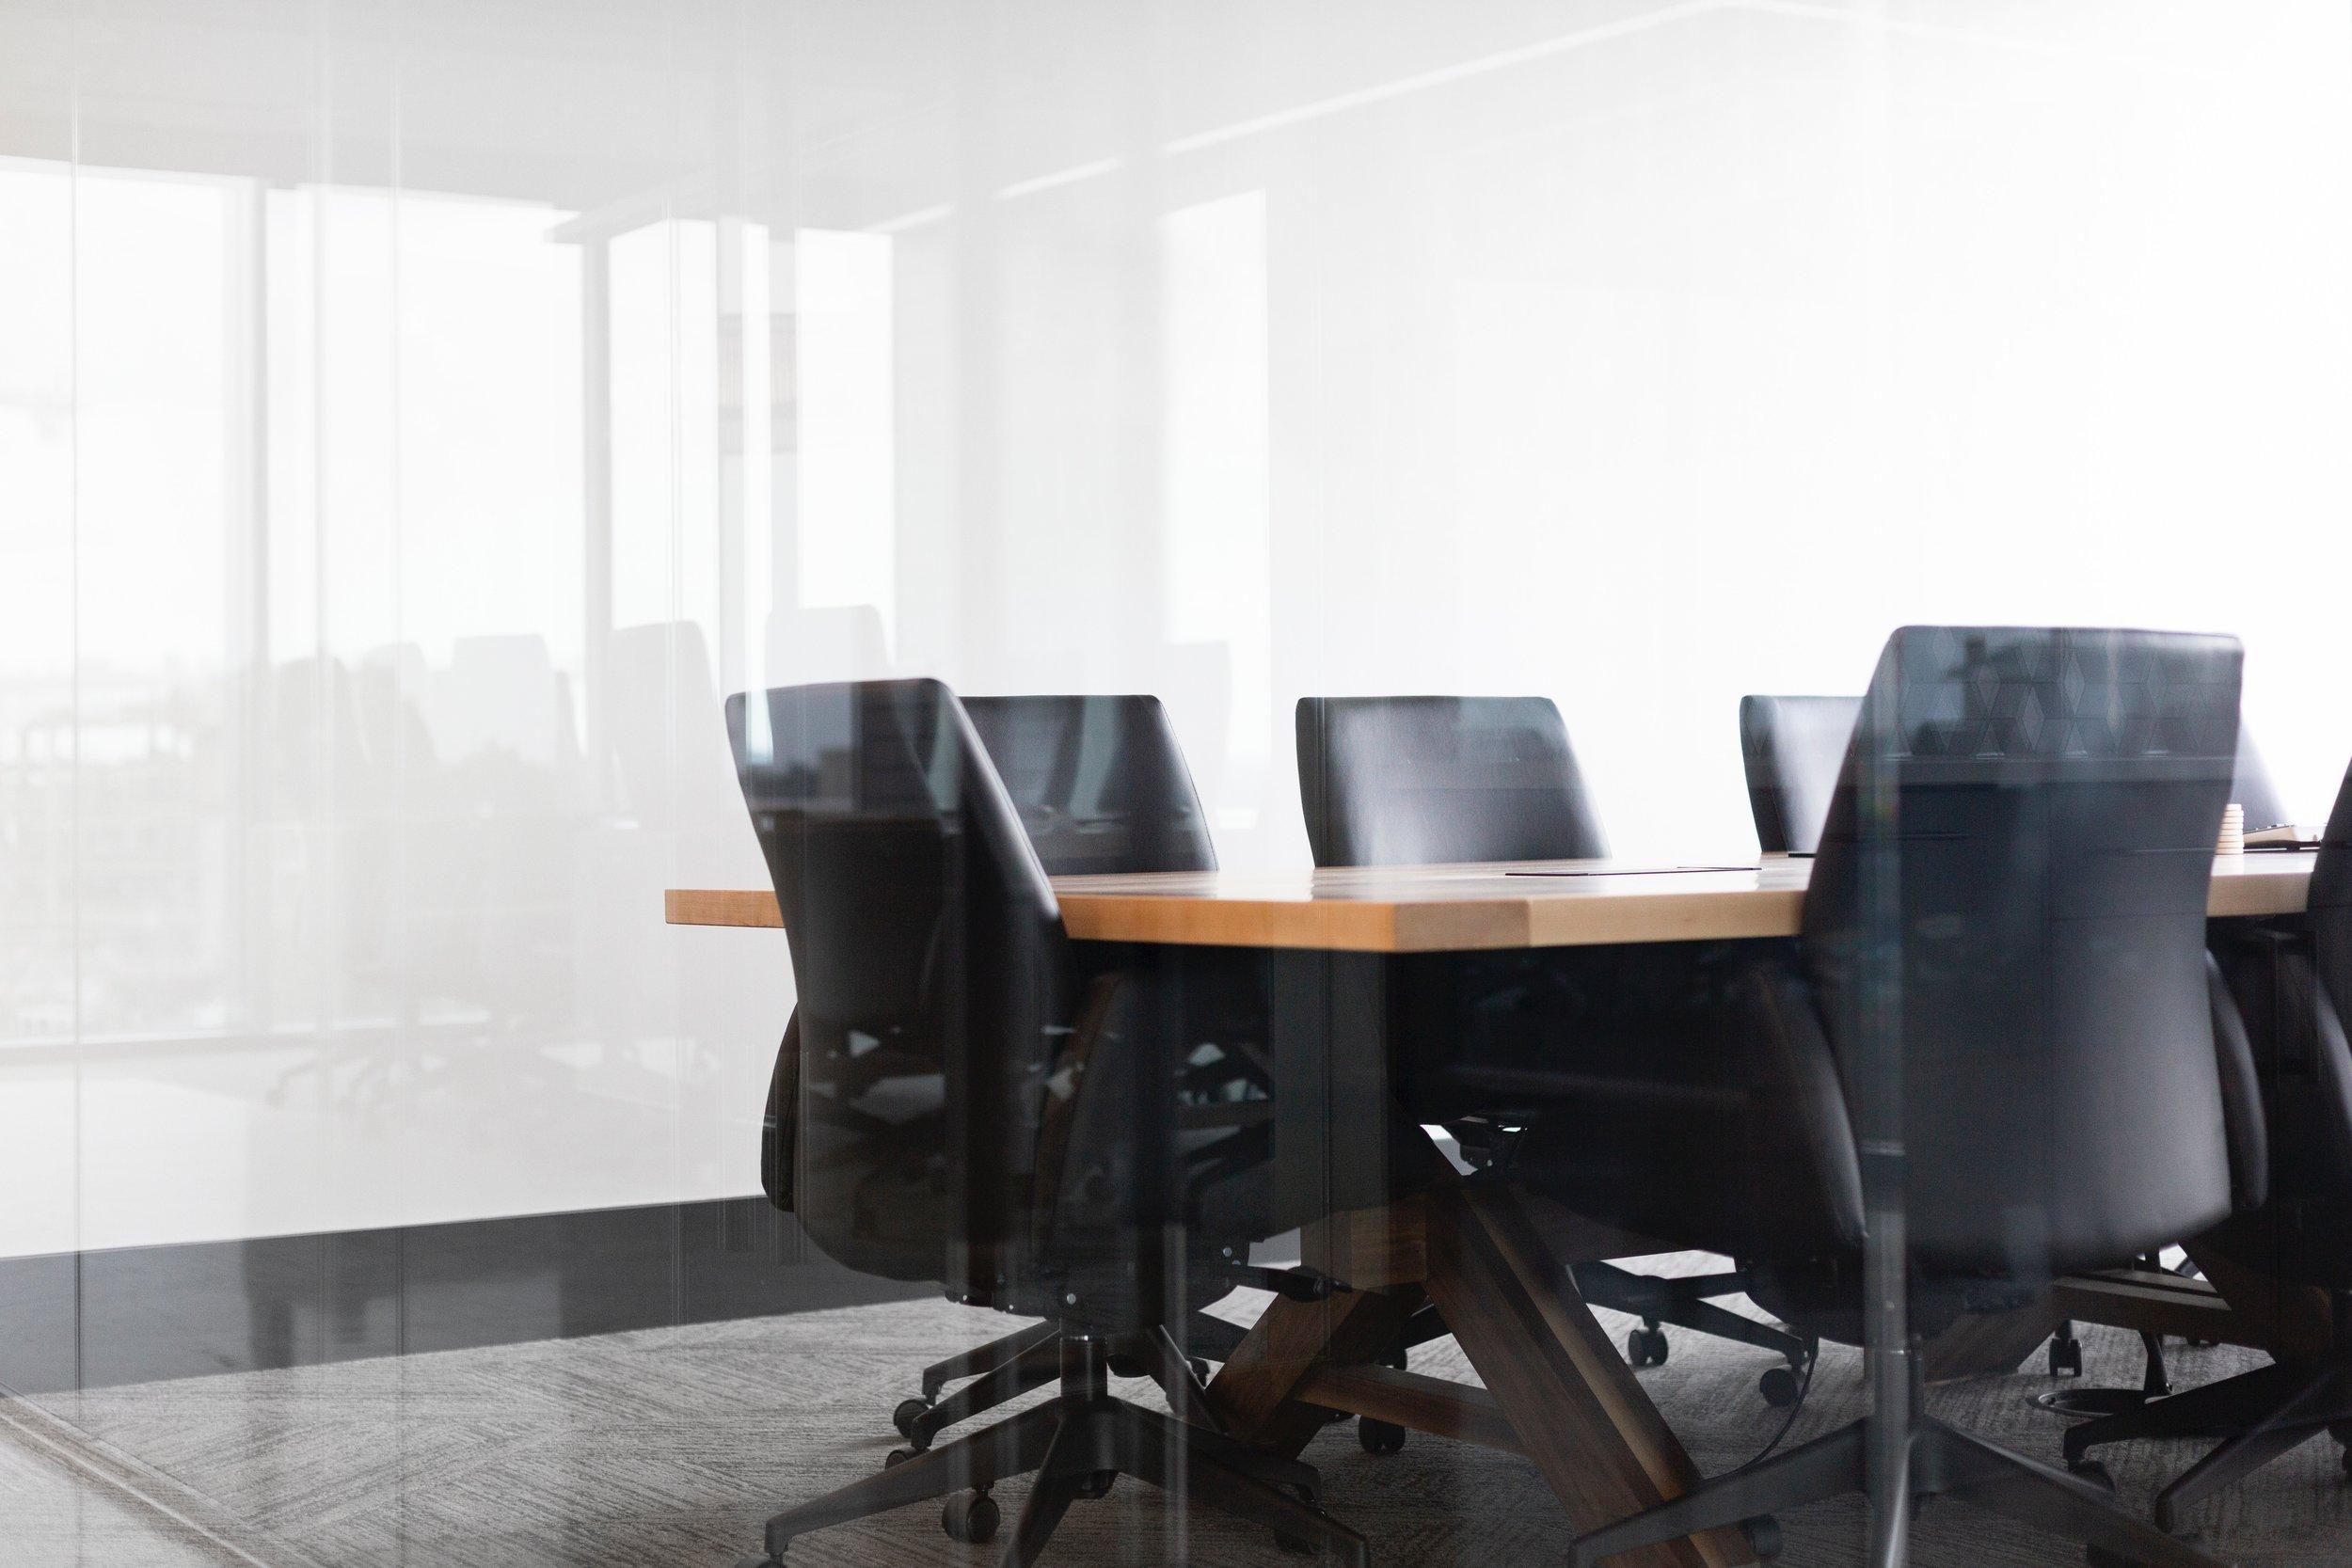 Workplace Disputes & Discrimination